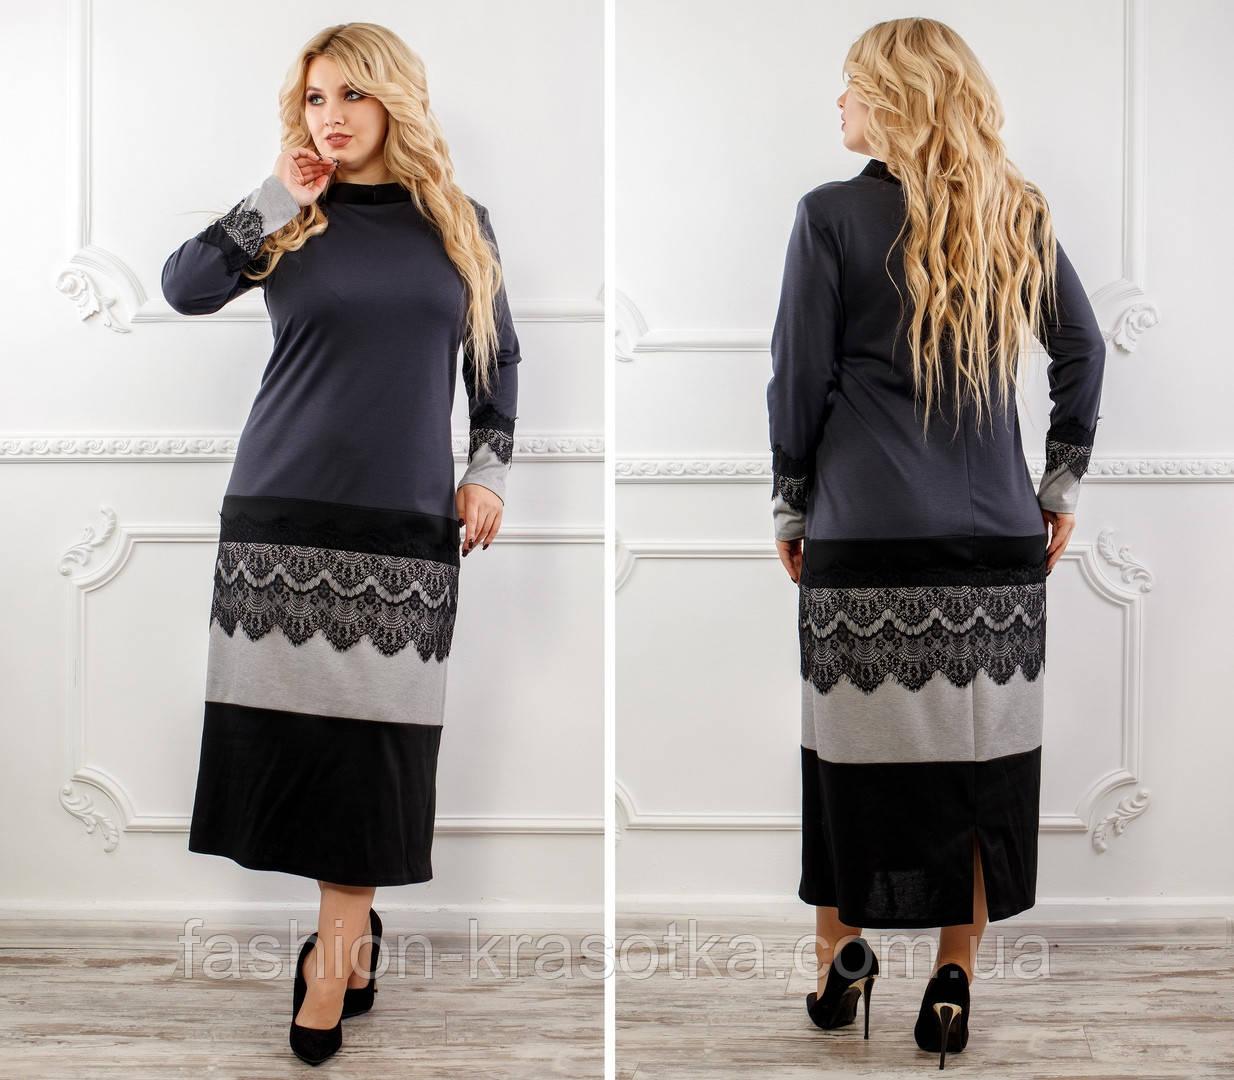 Модное женское платье больших размеров с кружевом,ткань французский трикотаж.